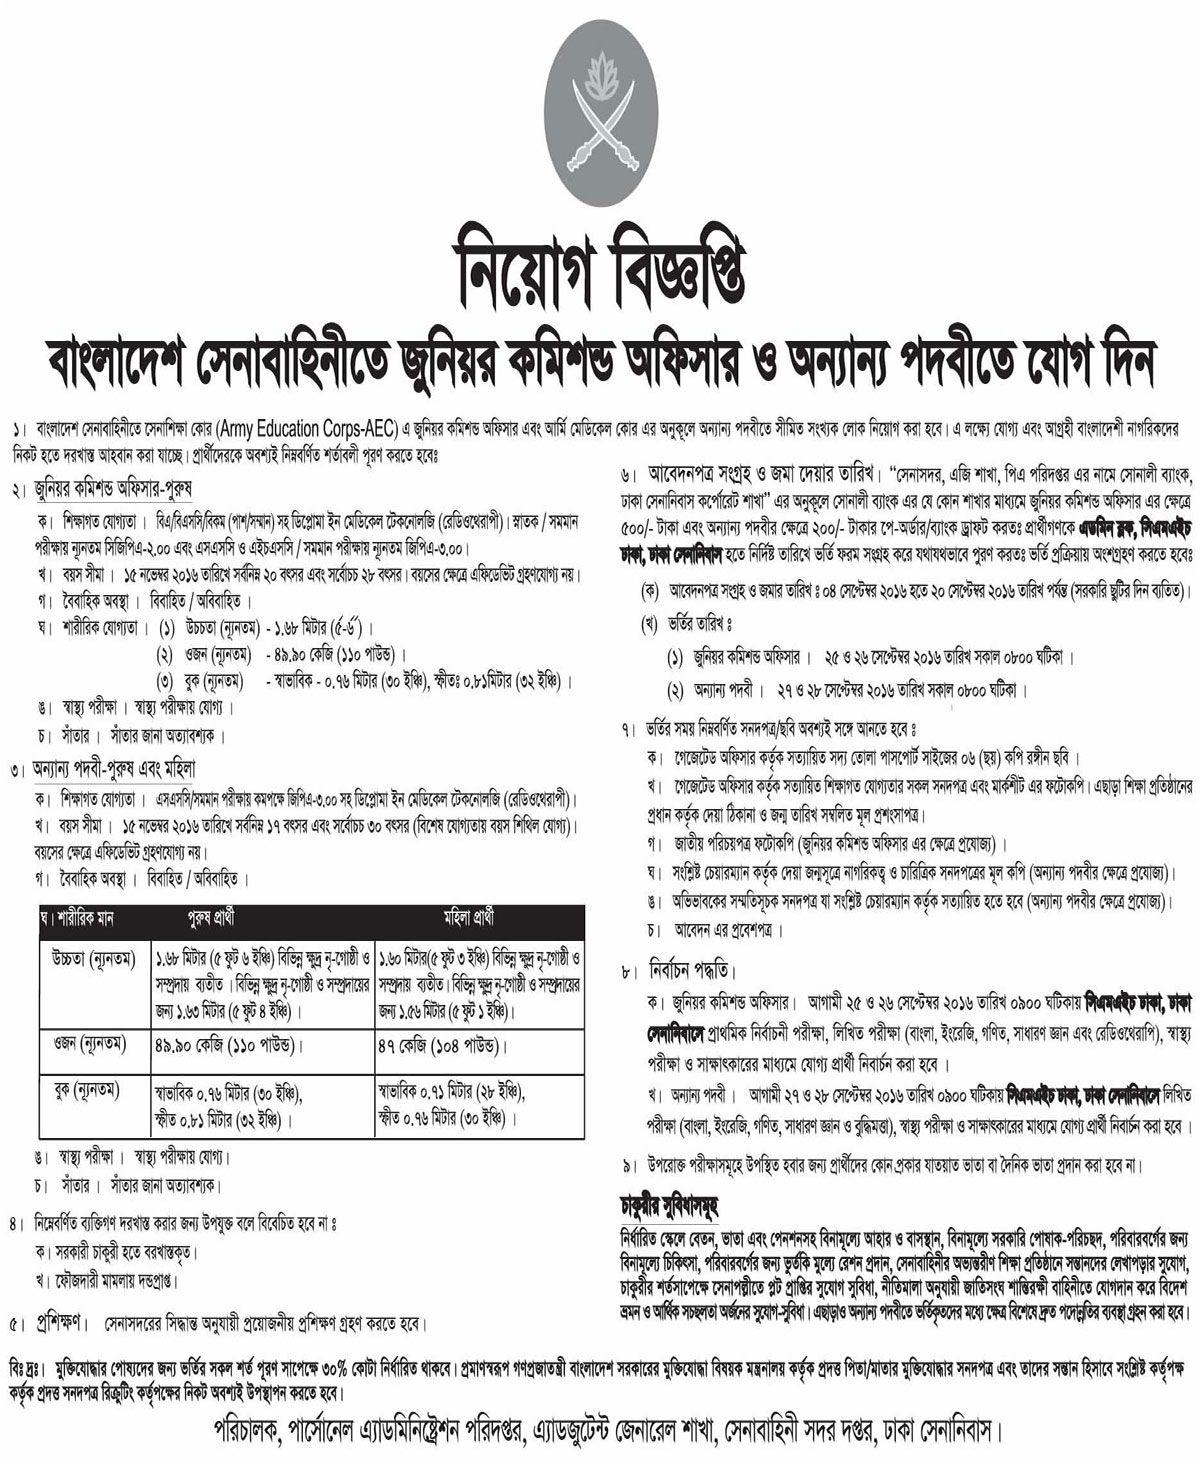 Bangladesh Army Job Circular  Job Circular    Job